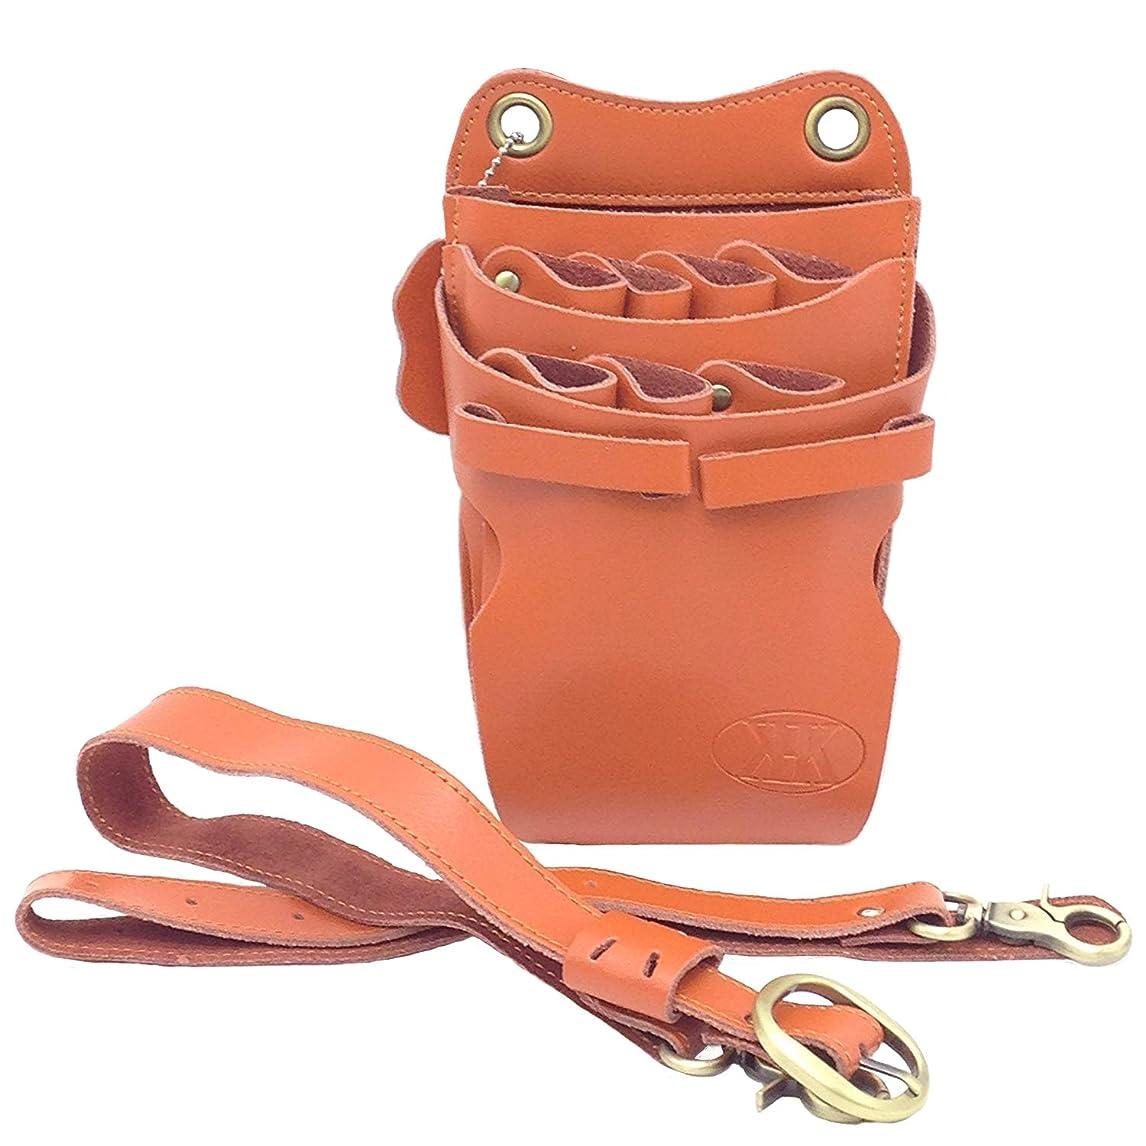 ロゴトースト持続的KK(三四郎市場) 本革 シザーケース 業務用シザーバッグ 7丁 (本革ベルト、オレンジ)